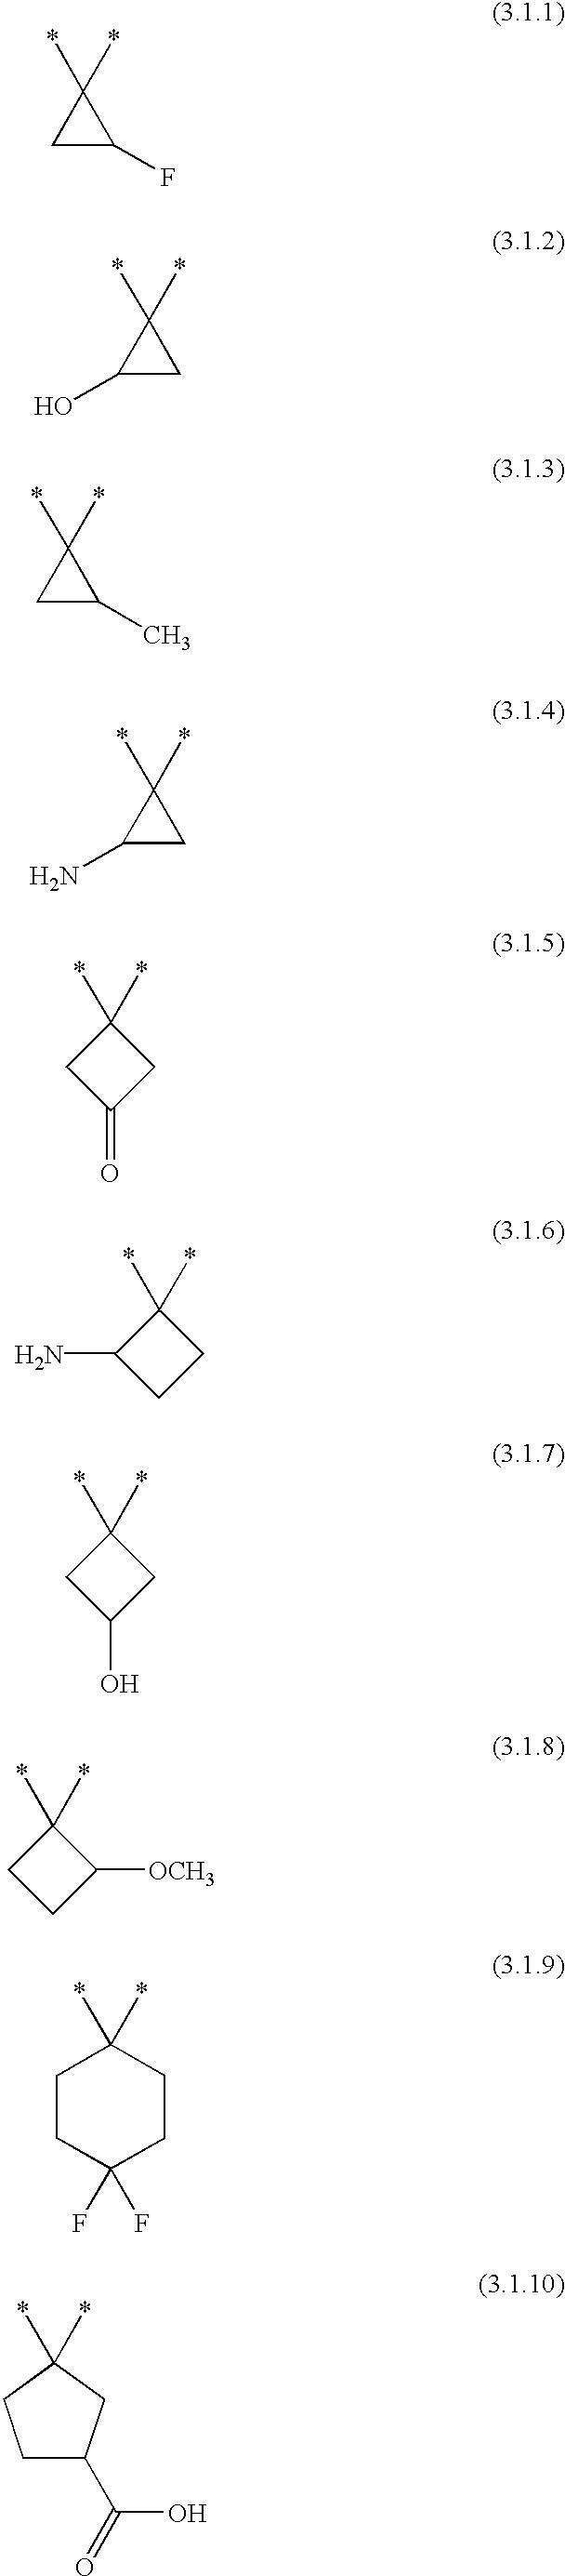 Figure US20020123520A1-20020905-C00088